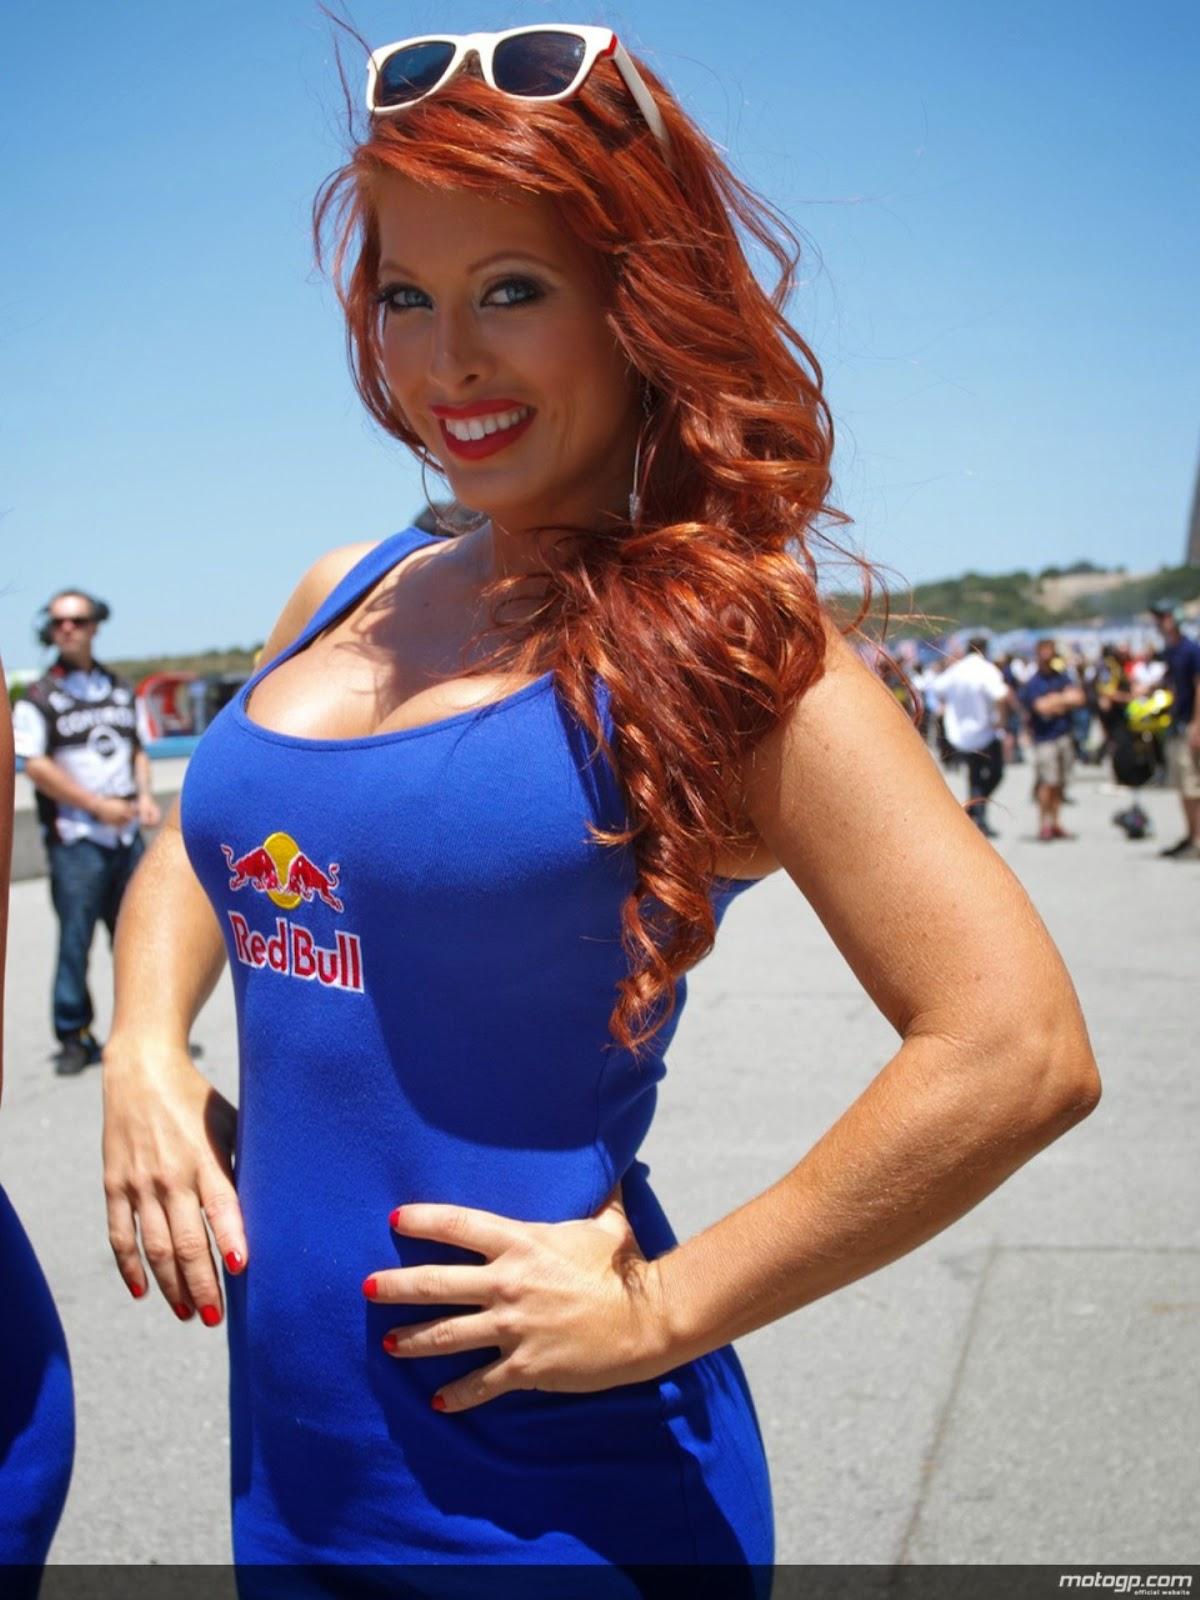 2011-MotoGP-Paddock-Gir-Red-Bull-U.S.-Gr